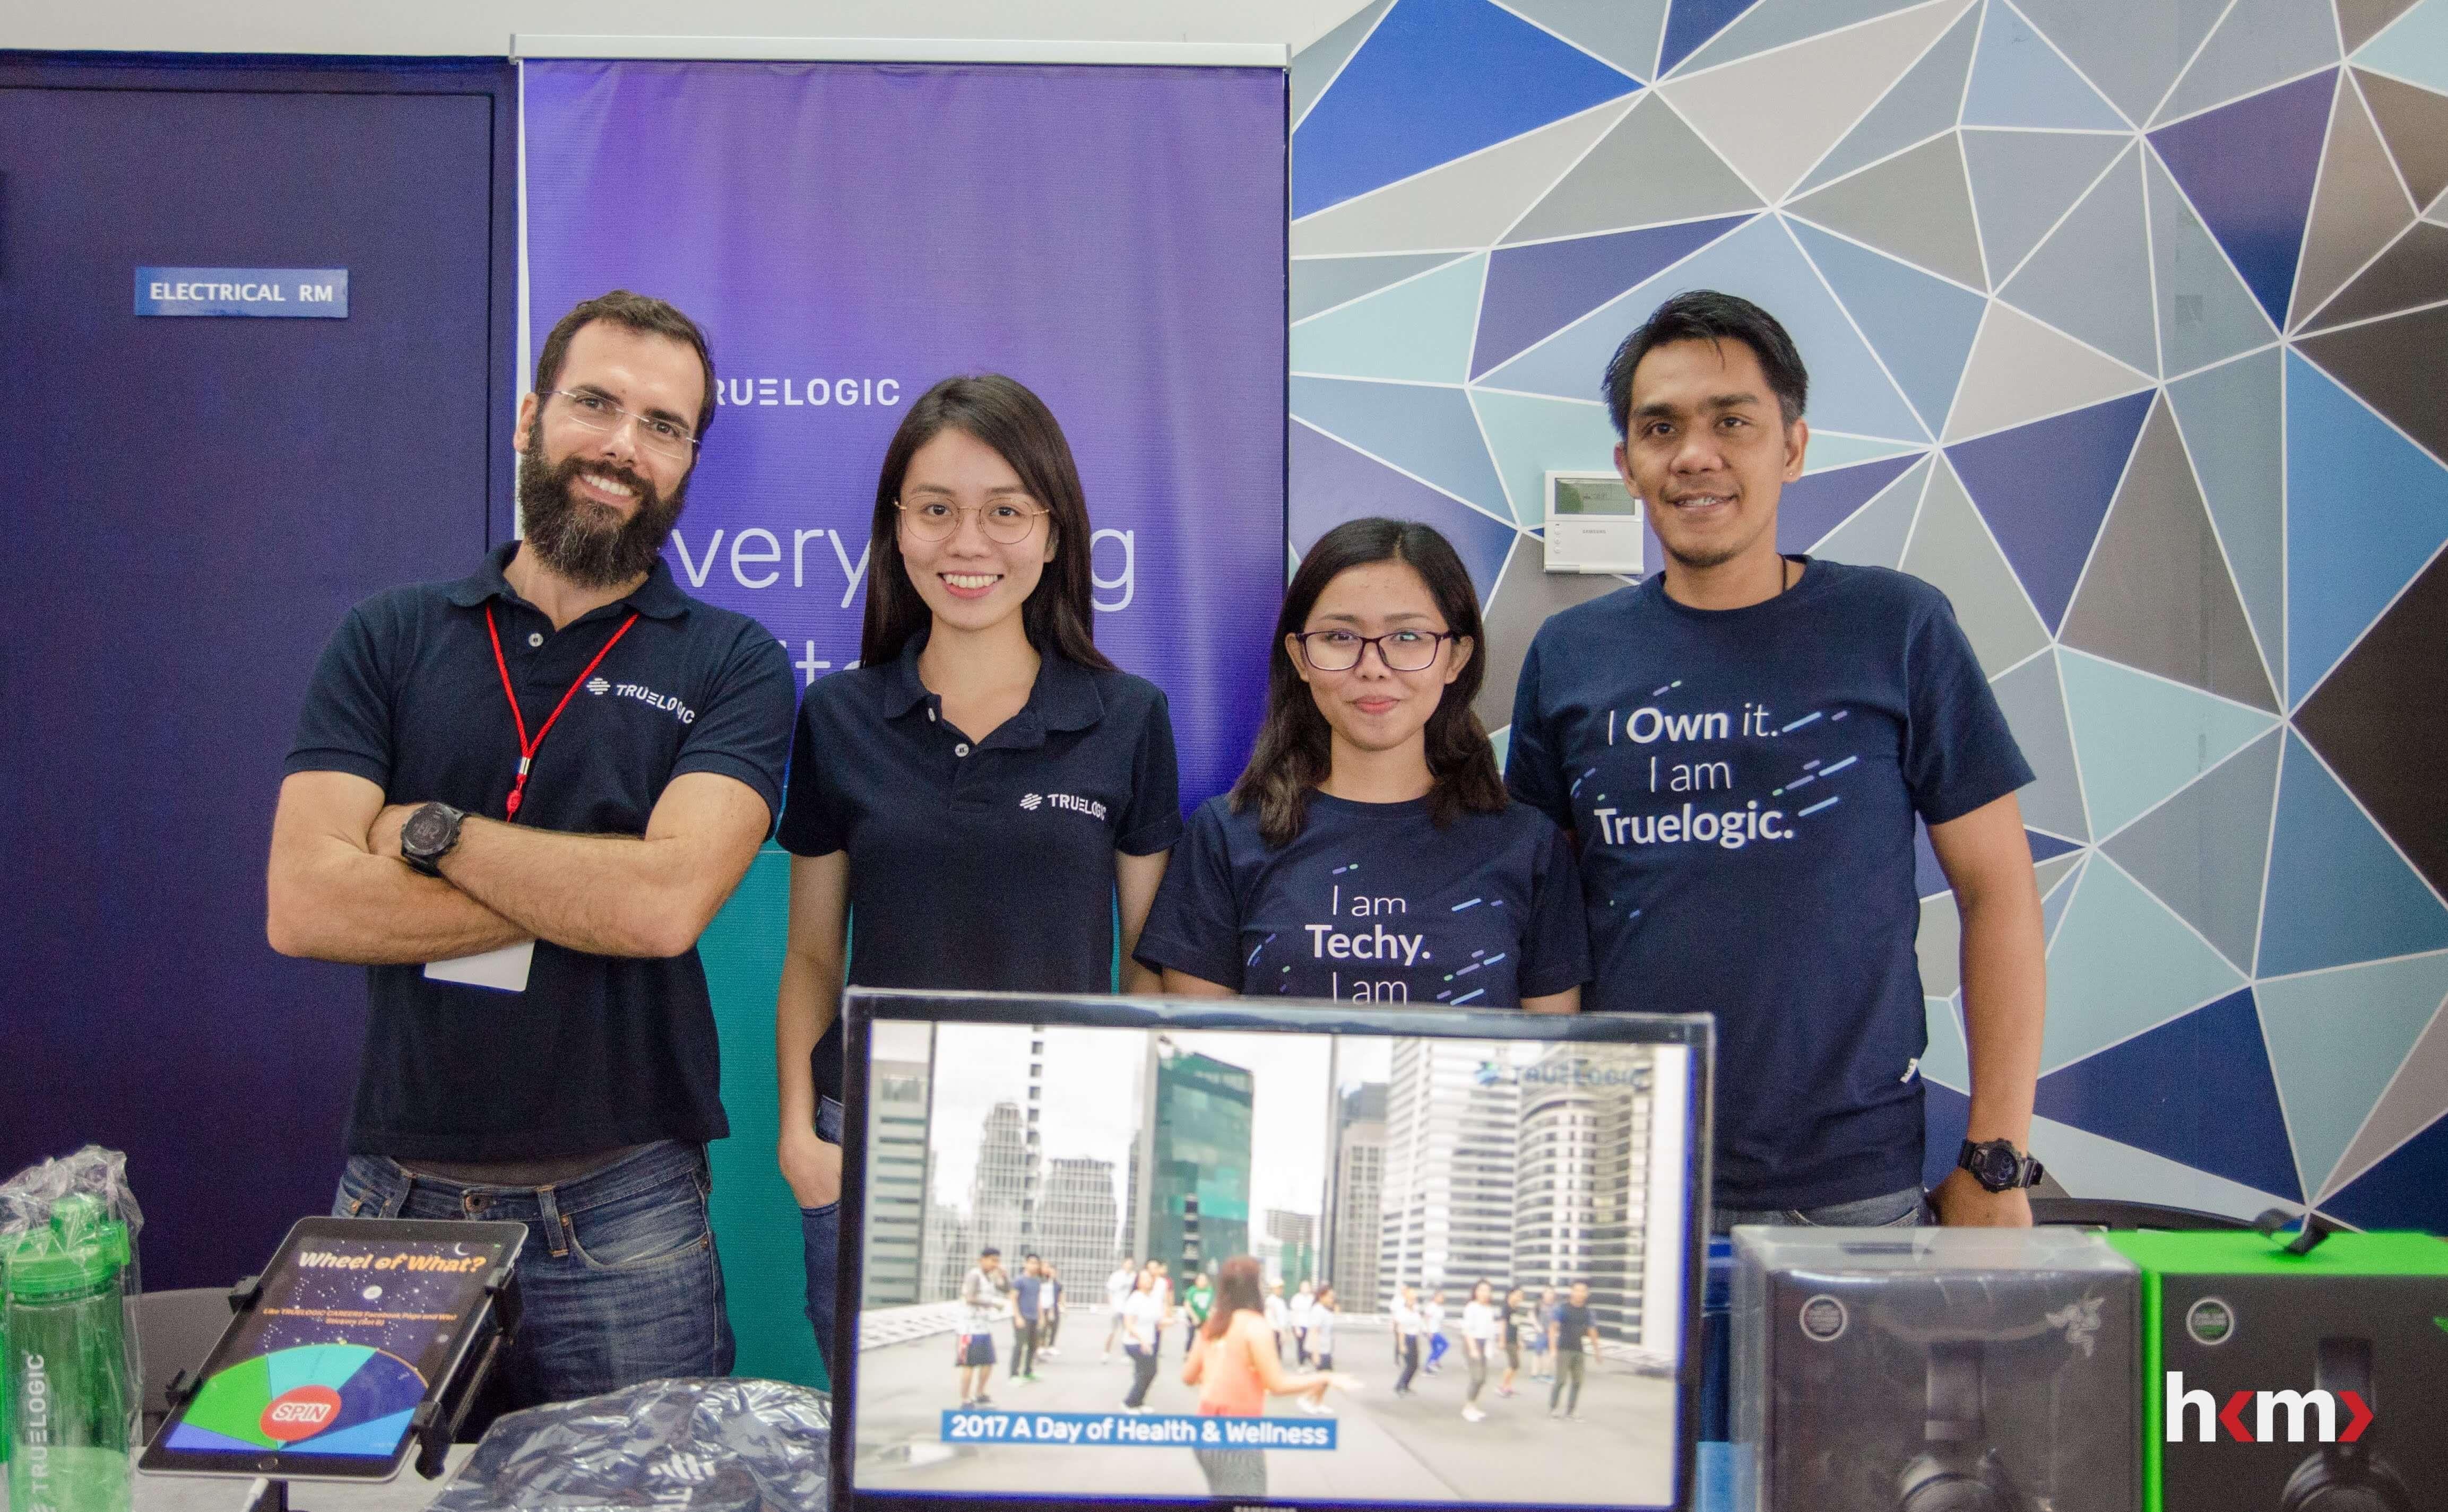 Hack Manila Event Partner, TrueLogic (CEO Itamar Gero and team)